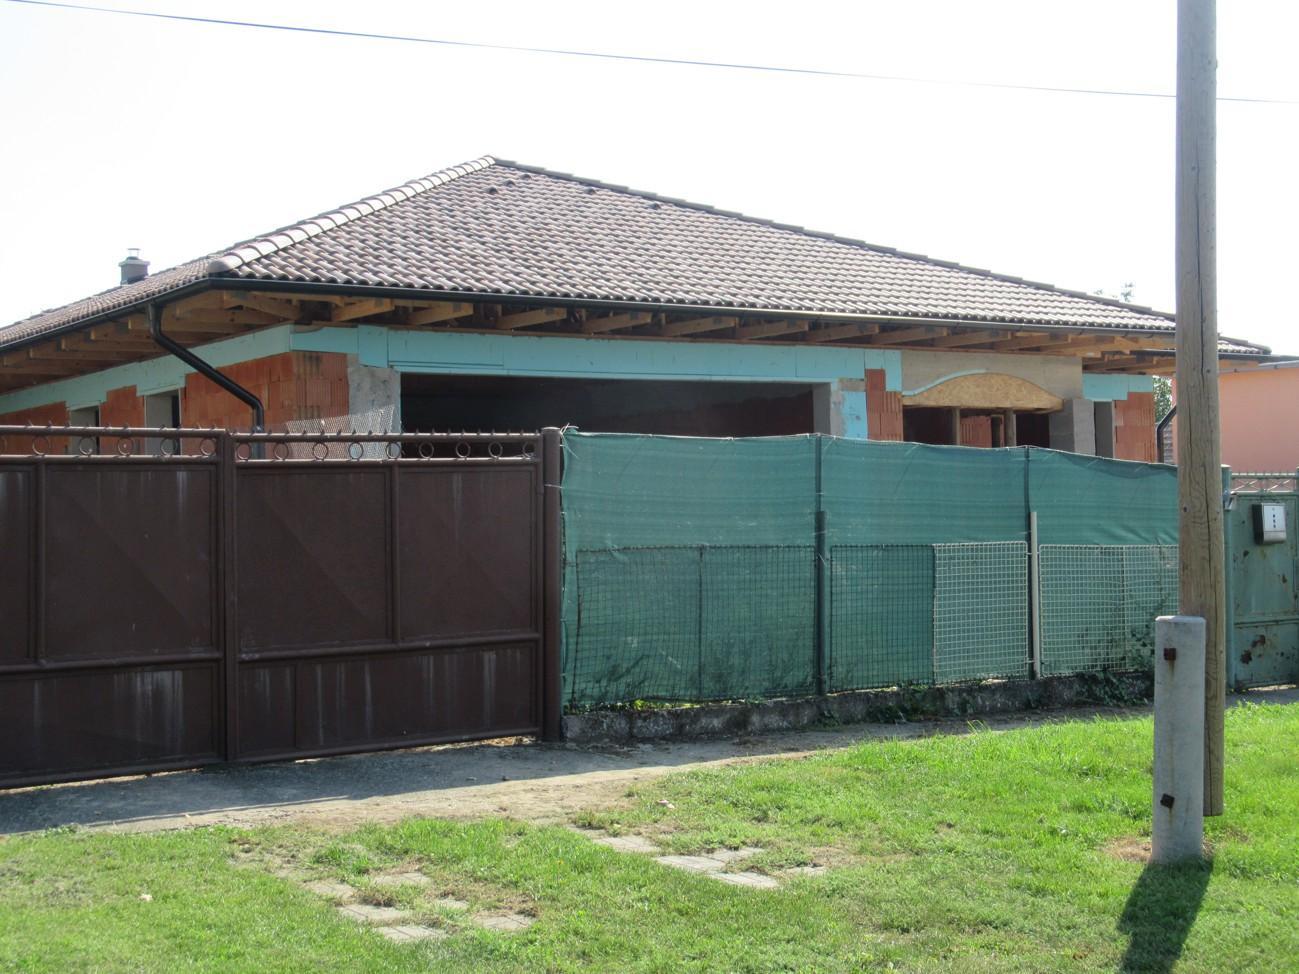 Väzníková strecha na kľúč s krytinou Bramac Adria Umbra Tvrdošovce okr. Nové Zámky - Obrázok č. 4